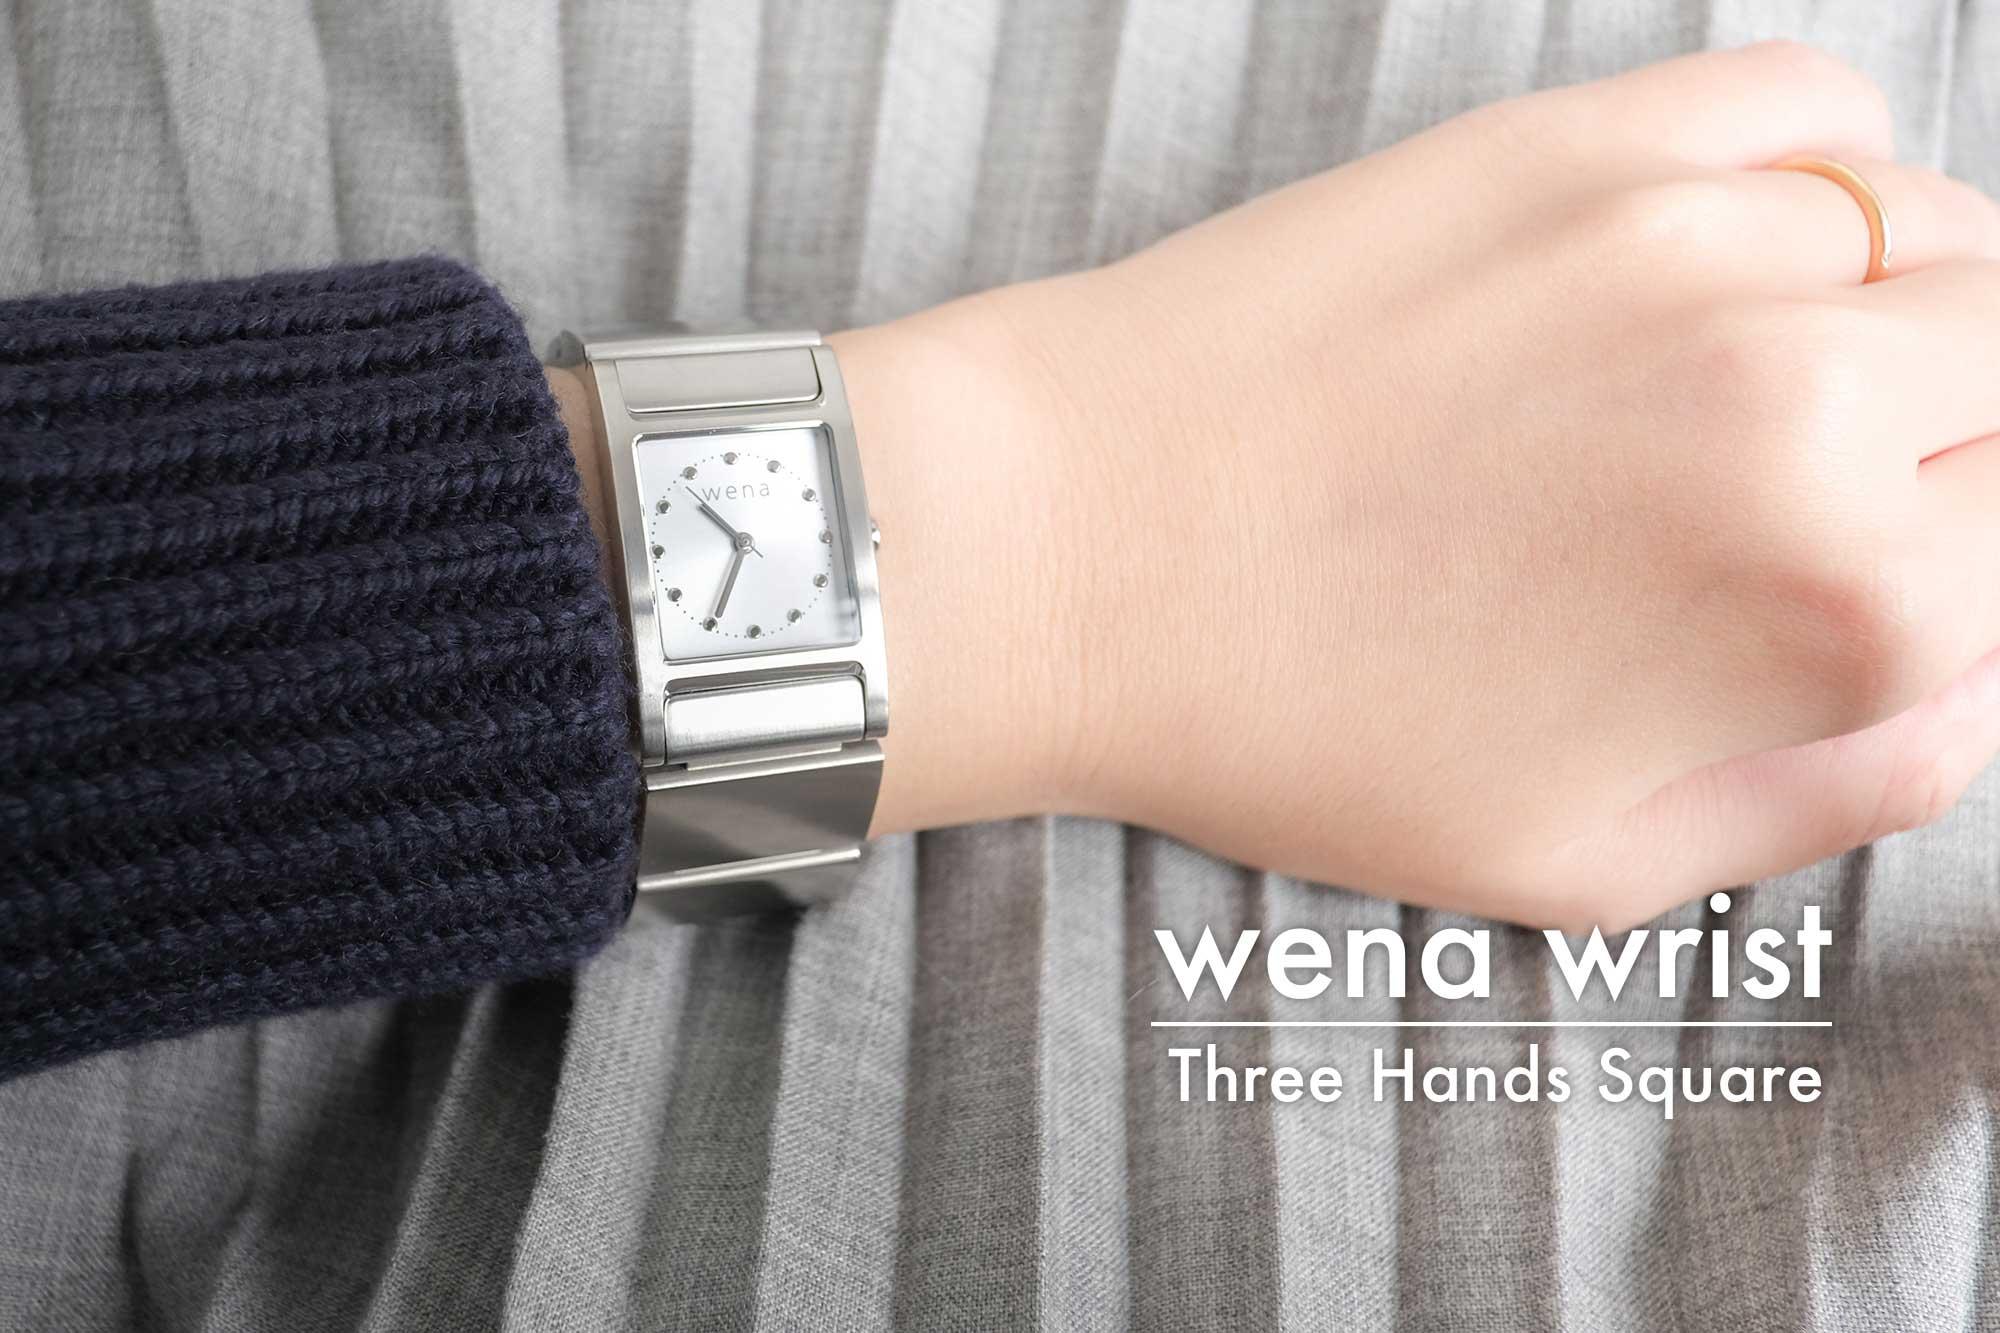 wena-wrist-eye